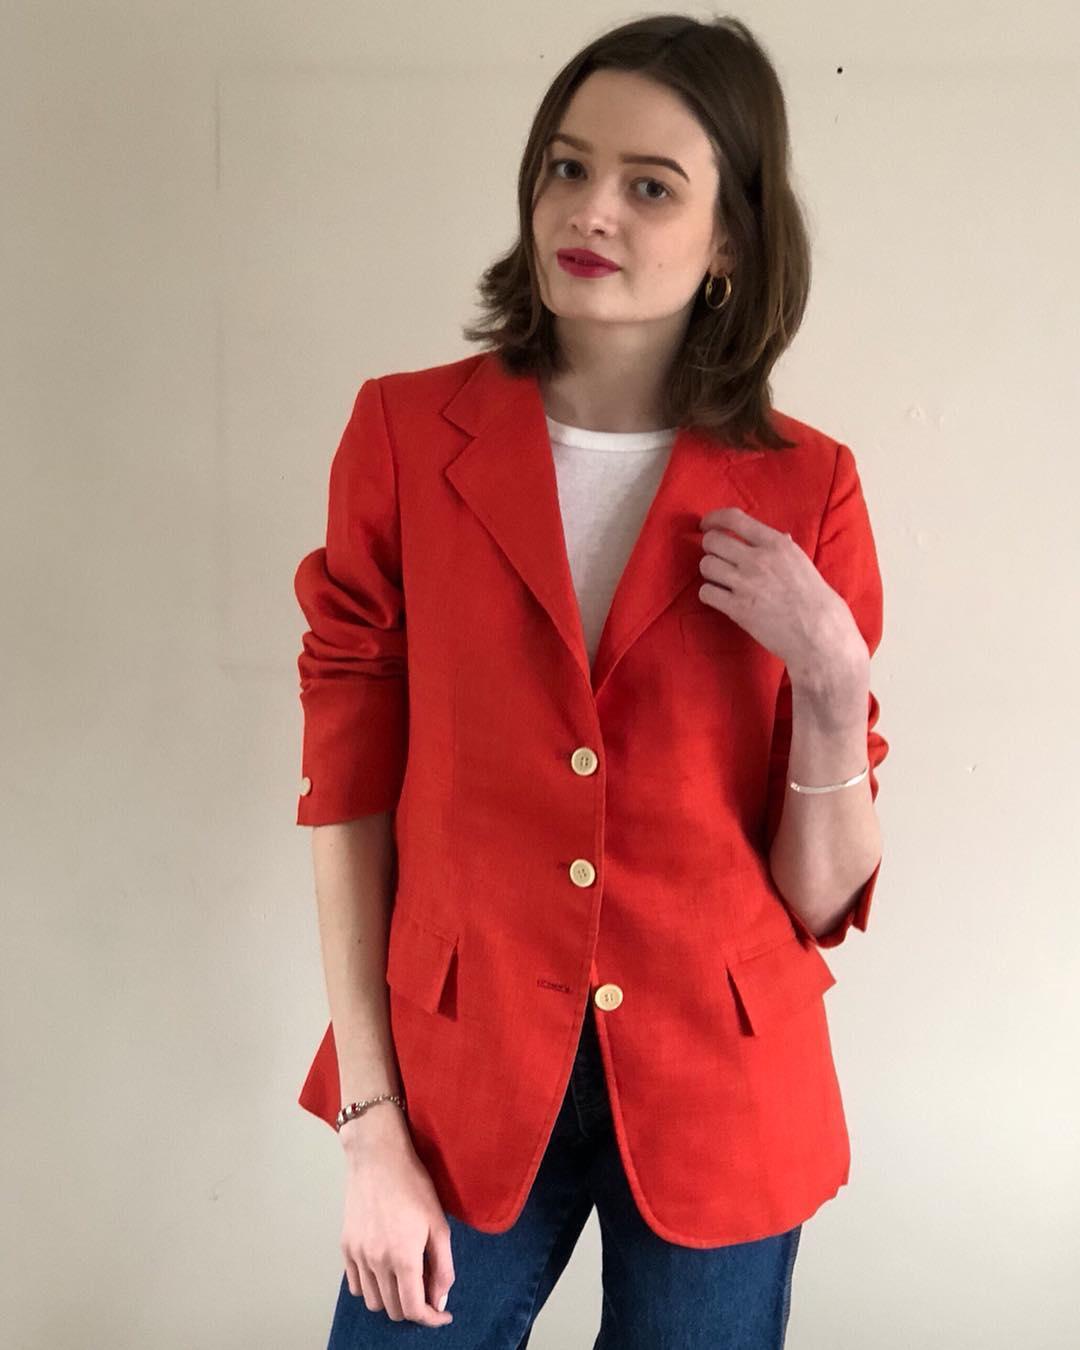 ladies-blazers-2021-preppy-style-blazers-for-women-2021